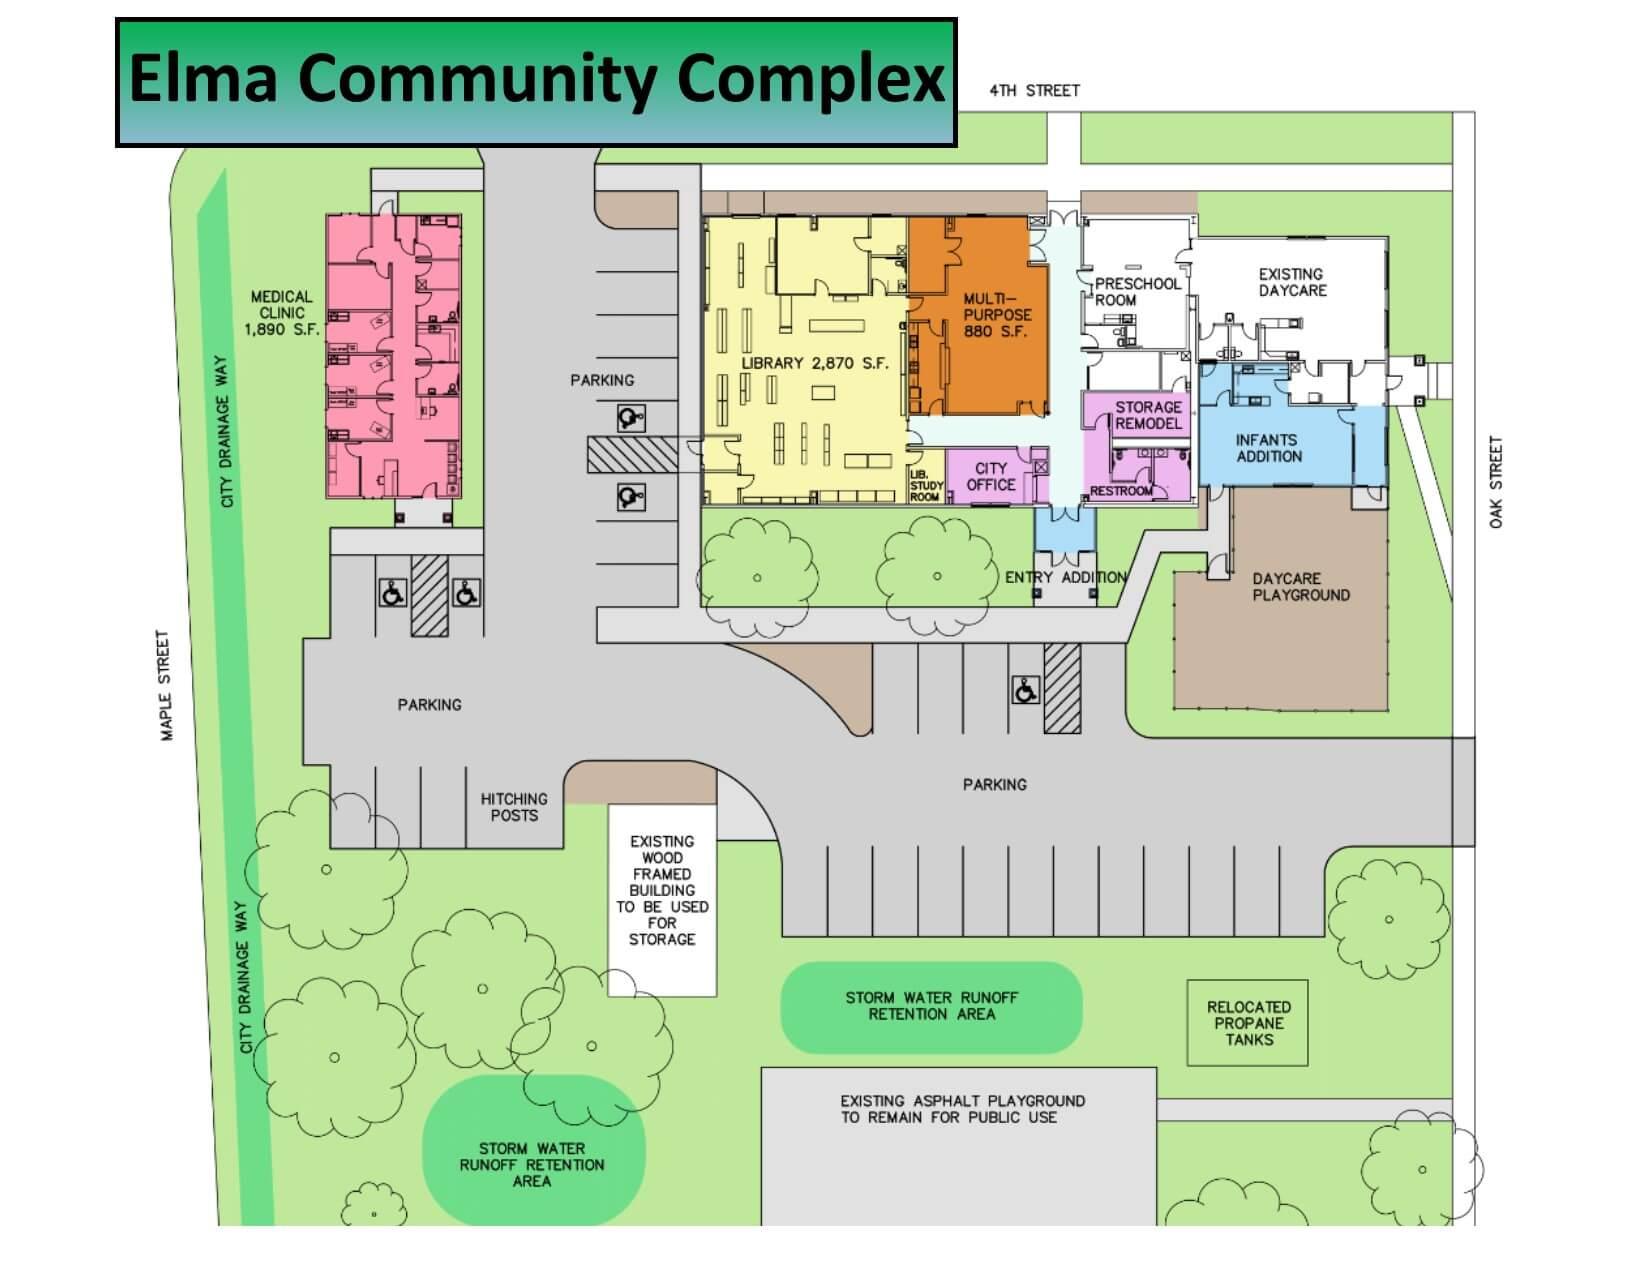 Elma Community Complex Project diagram